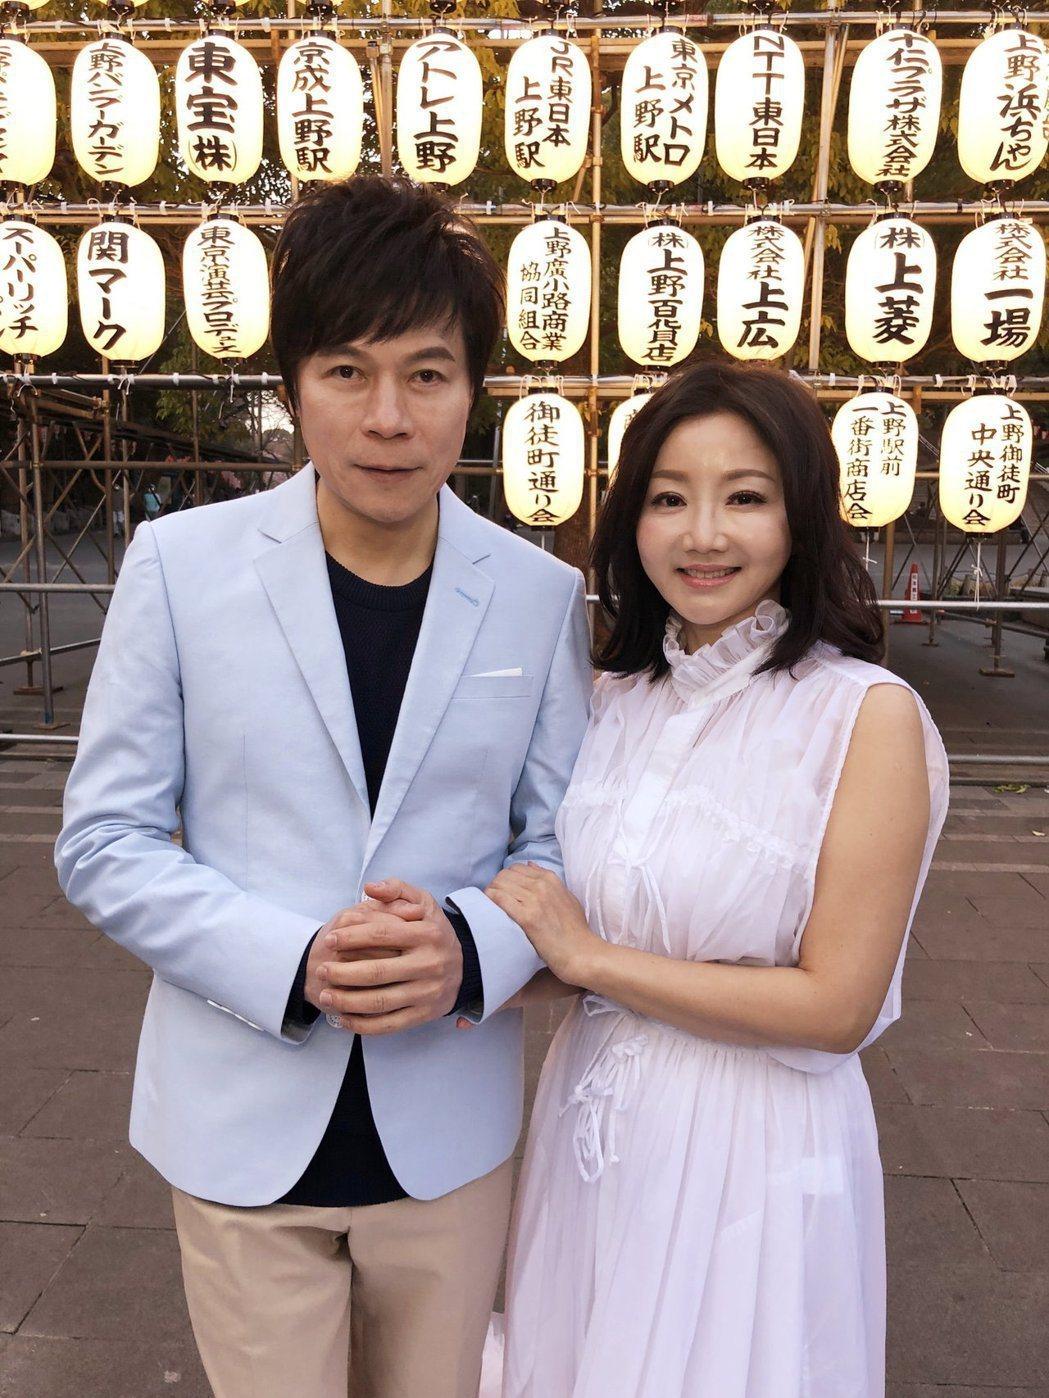 洪榮宏(左)跟第3任妻子張瀞云將慶祝結婚一周年。圖/華特音樂提供